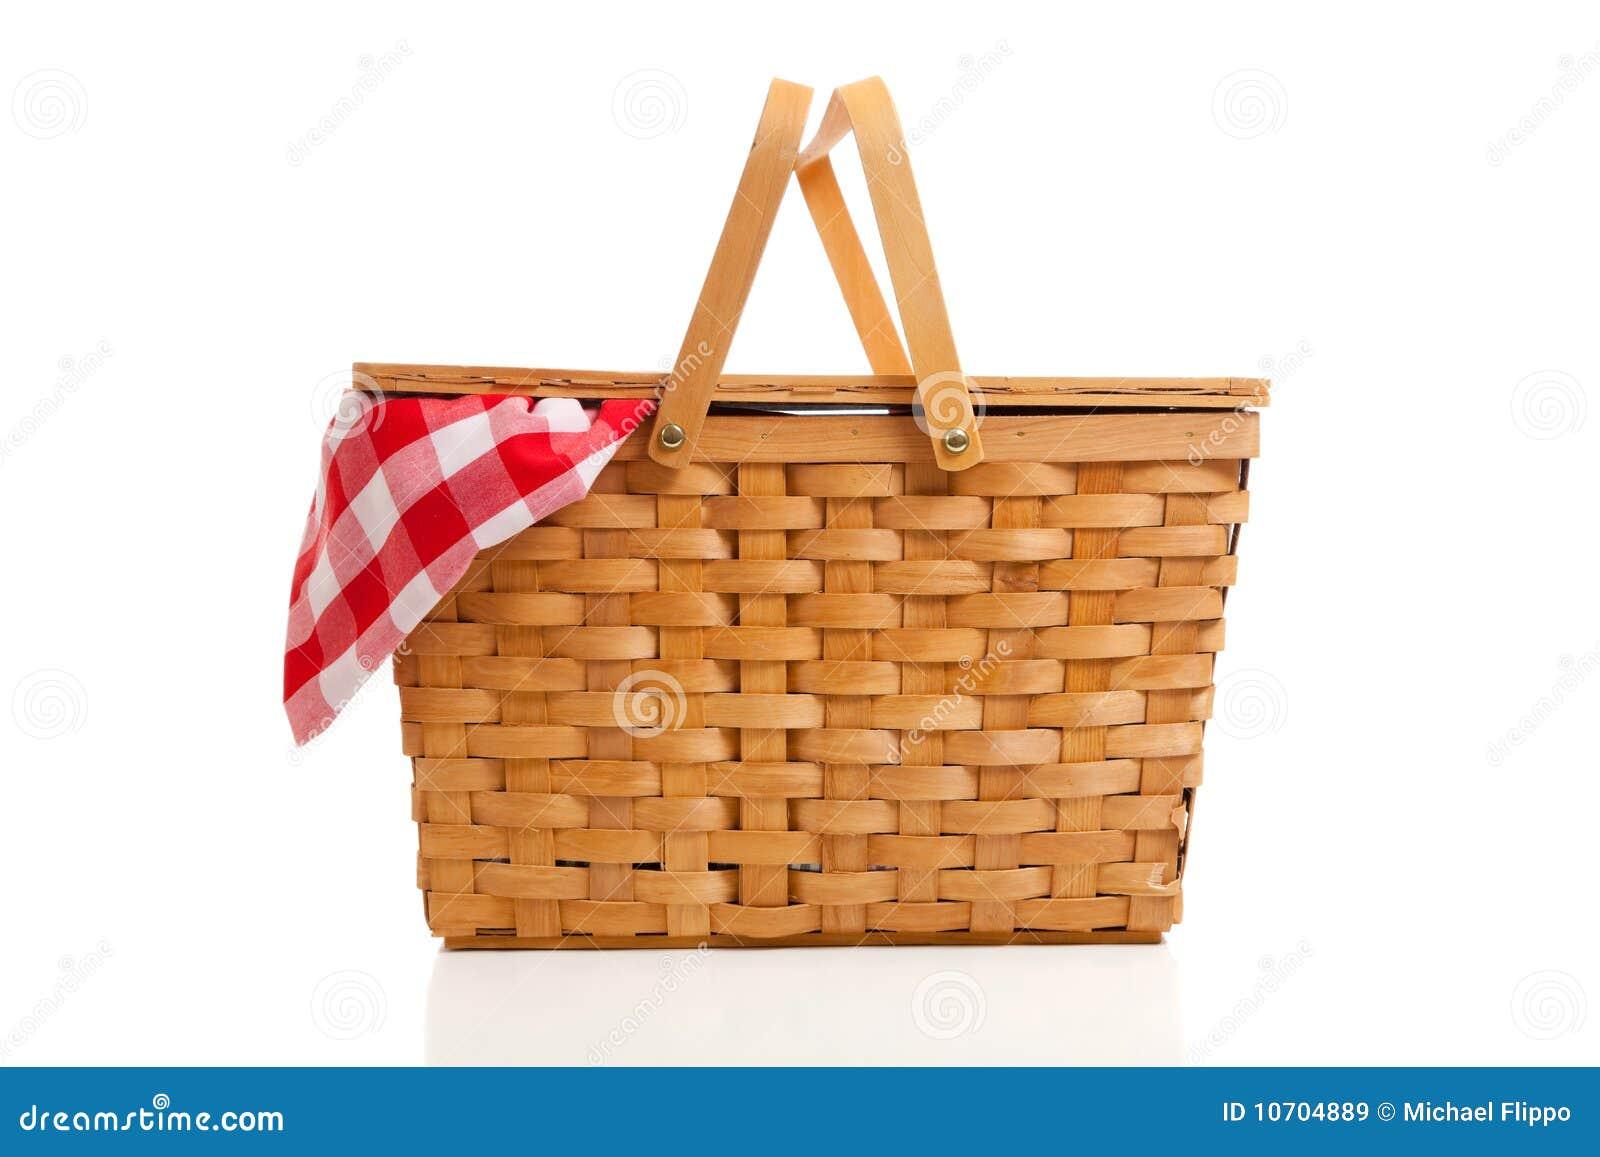 De rieten mand van de picknick met de doek van de gingang stock afbeelding afbeelding 10704889 - Mand linnen huis van de wereld ...